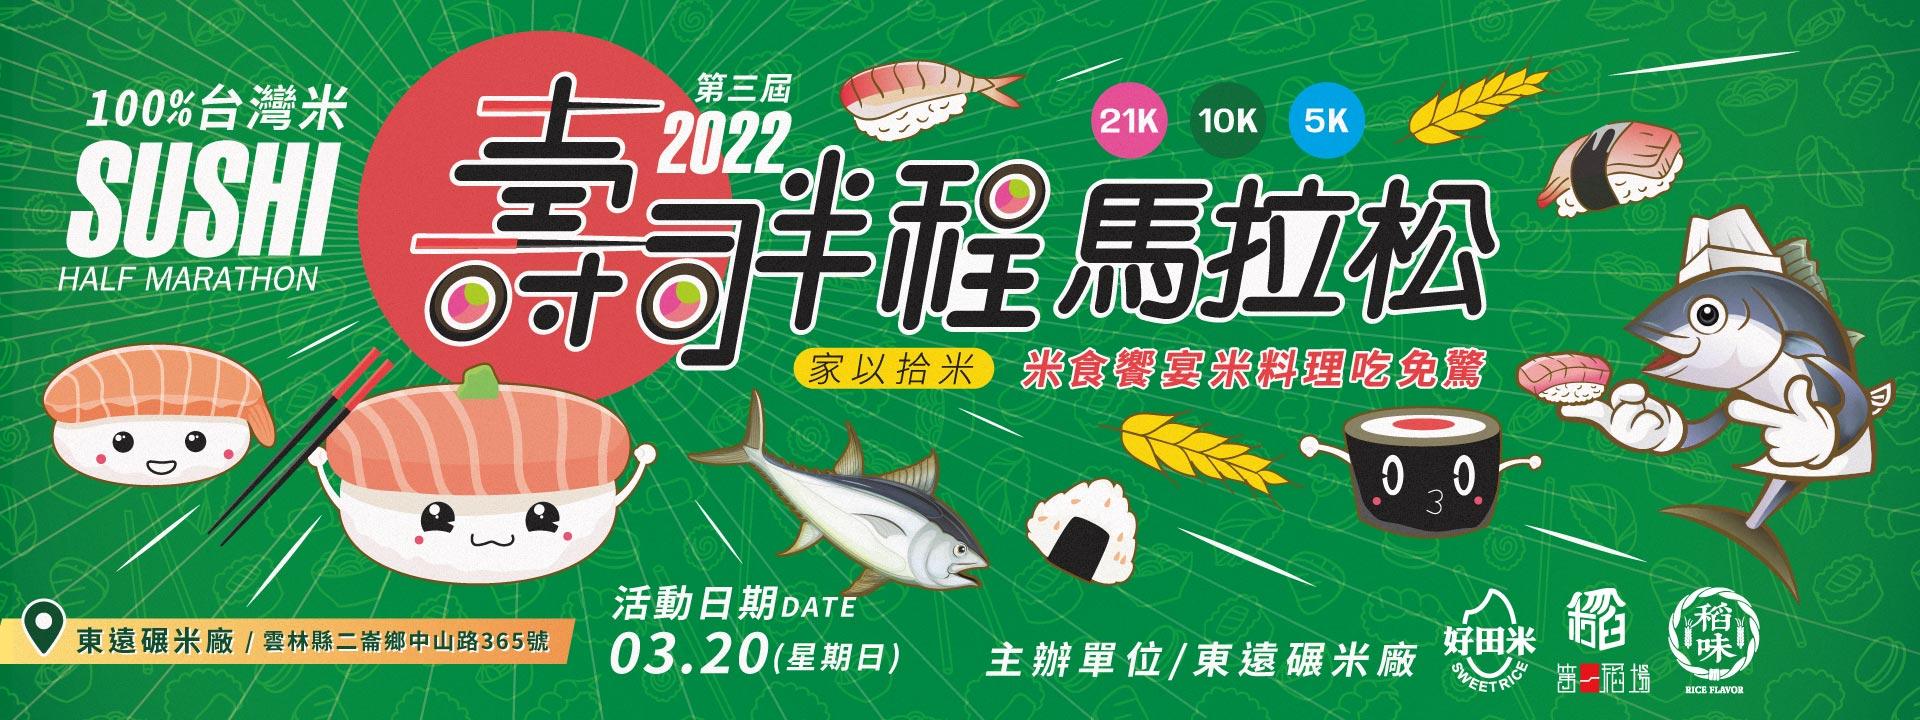 2021 壽司半程馬拉松(第三屆)-家以拾米(延期至2022/03/20)